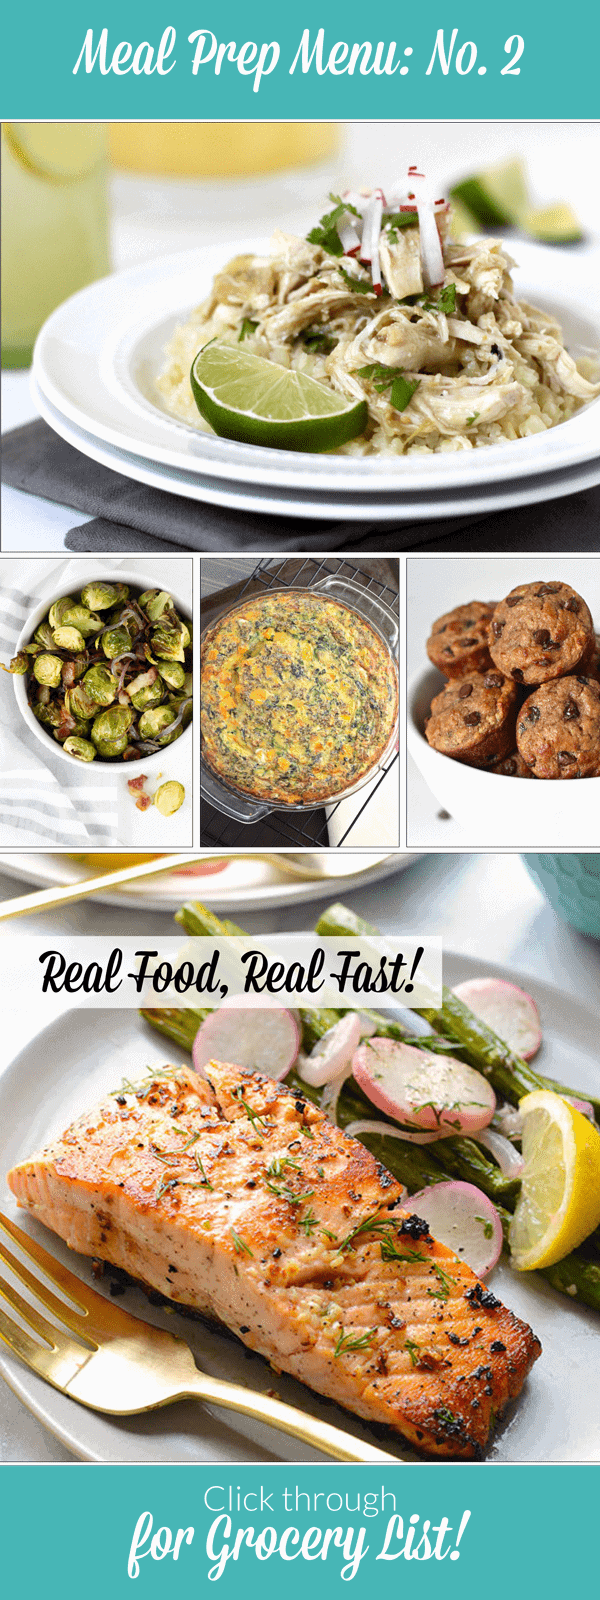 Weekly Meal Prep Menu : No. 2 | The Real Food Dietitians | https://therealfoodrds.com/weekly-meal-prep-menu-no-2/